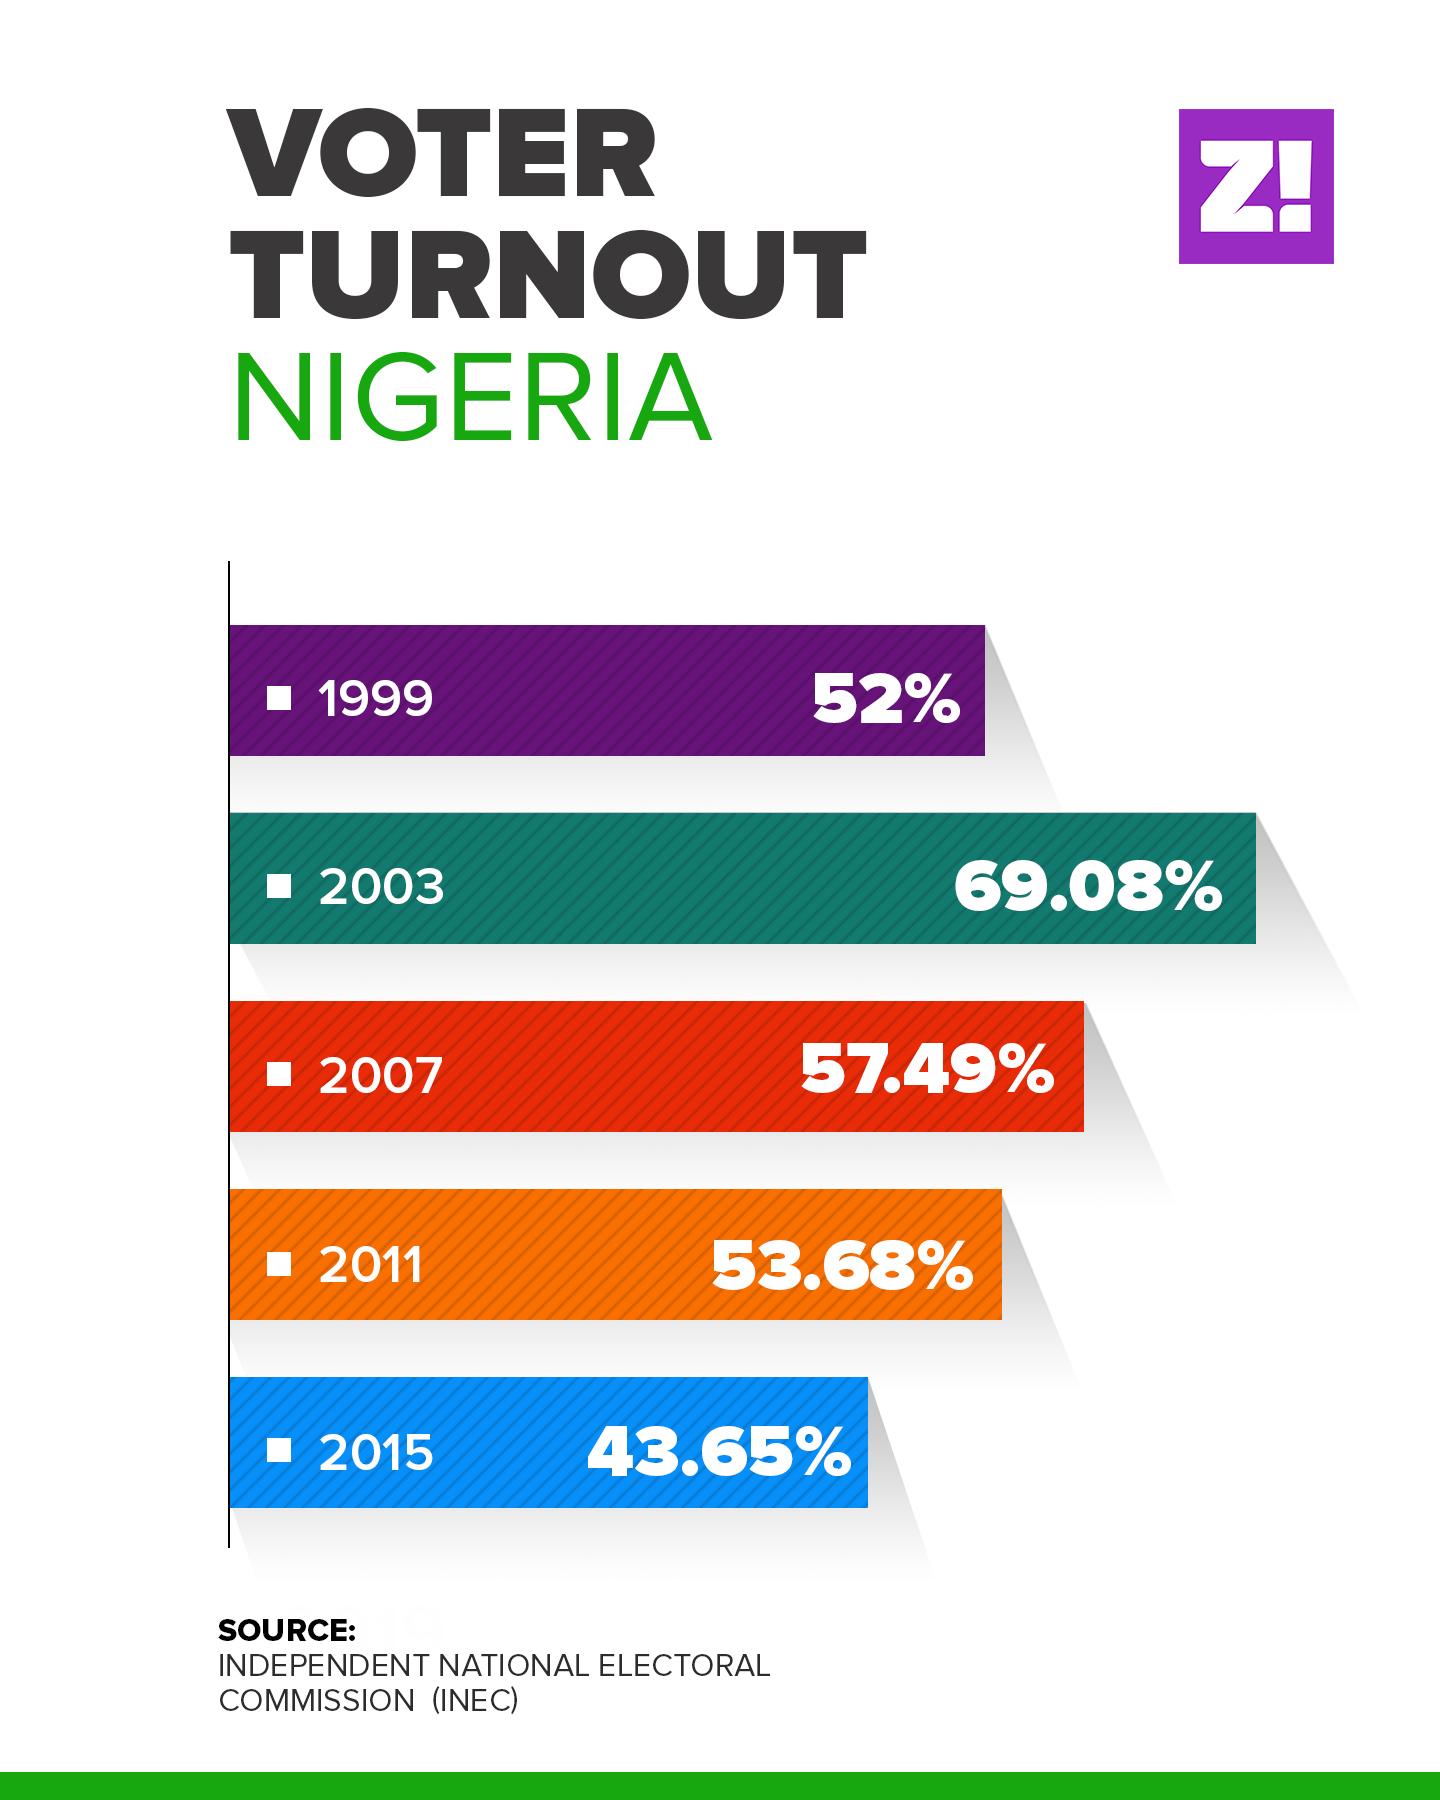 Voter Turnout in Nigeria